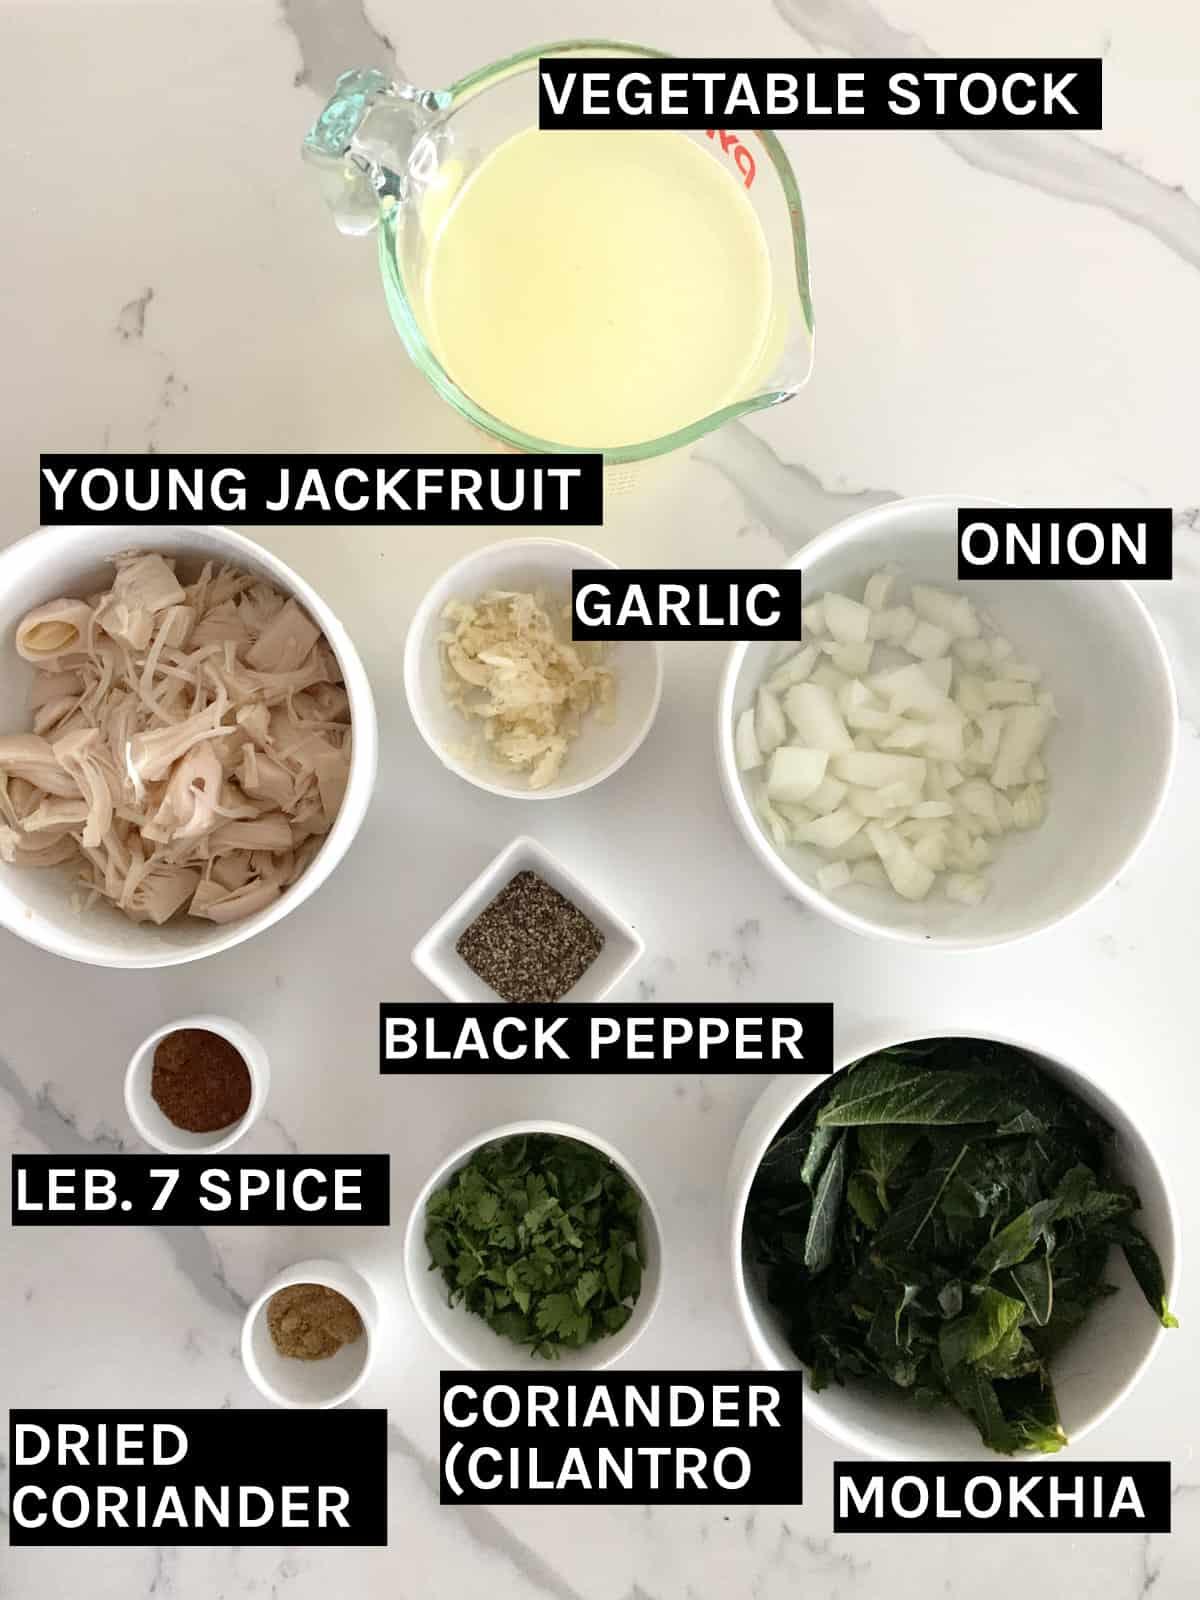 moloukhia ingredients